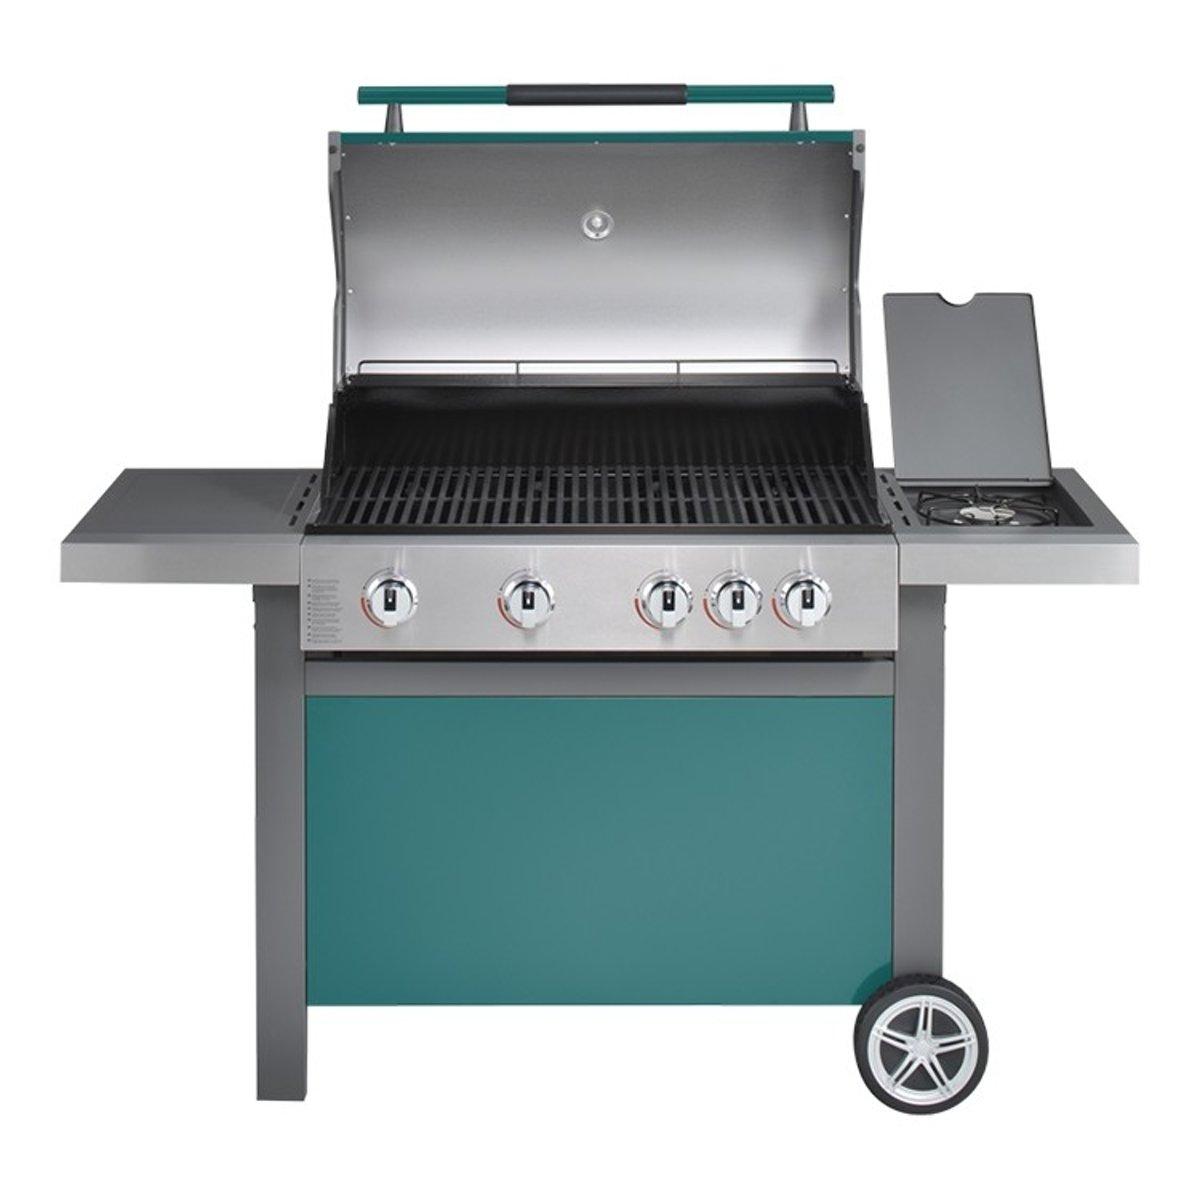 Jamie Oliver Home 4 + Sideburner Gasbarbecue - 4 branders - Groen kopen